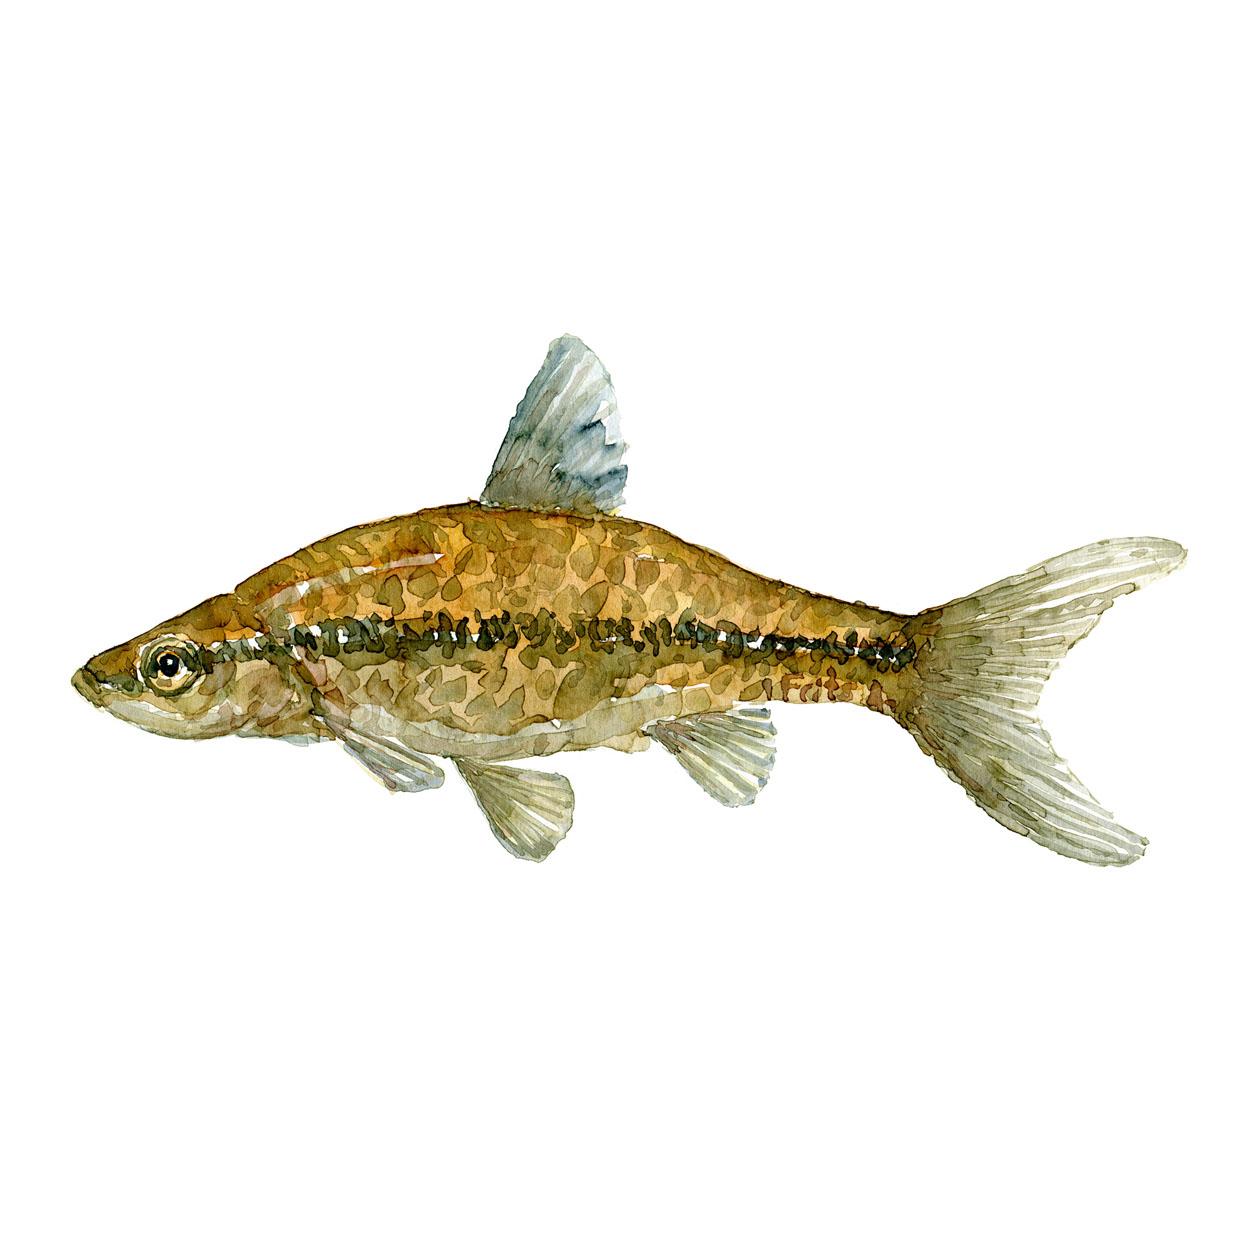 Båndgrundling Ferskvandsfisk og biodiversitet i Danmark Akvarel af Frits Ahlefeldt